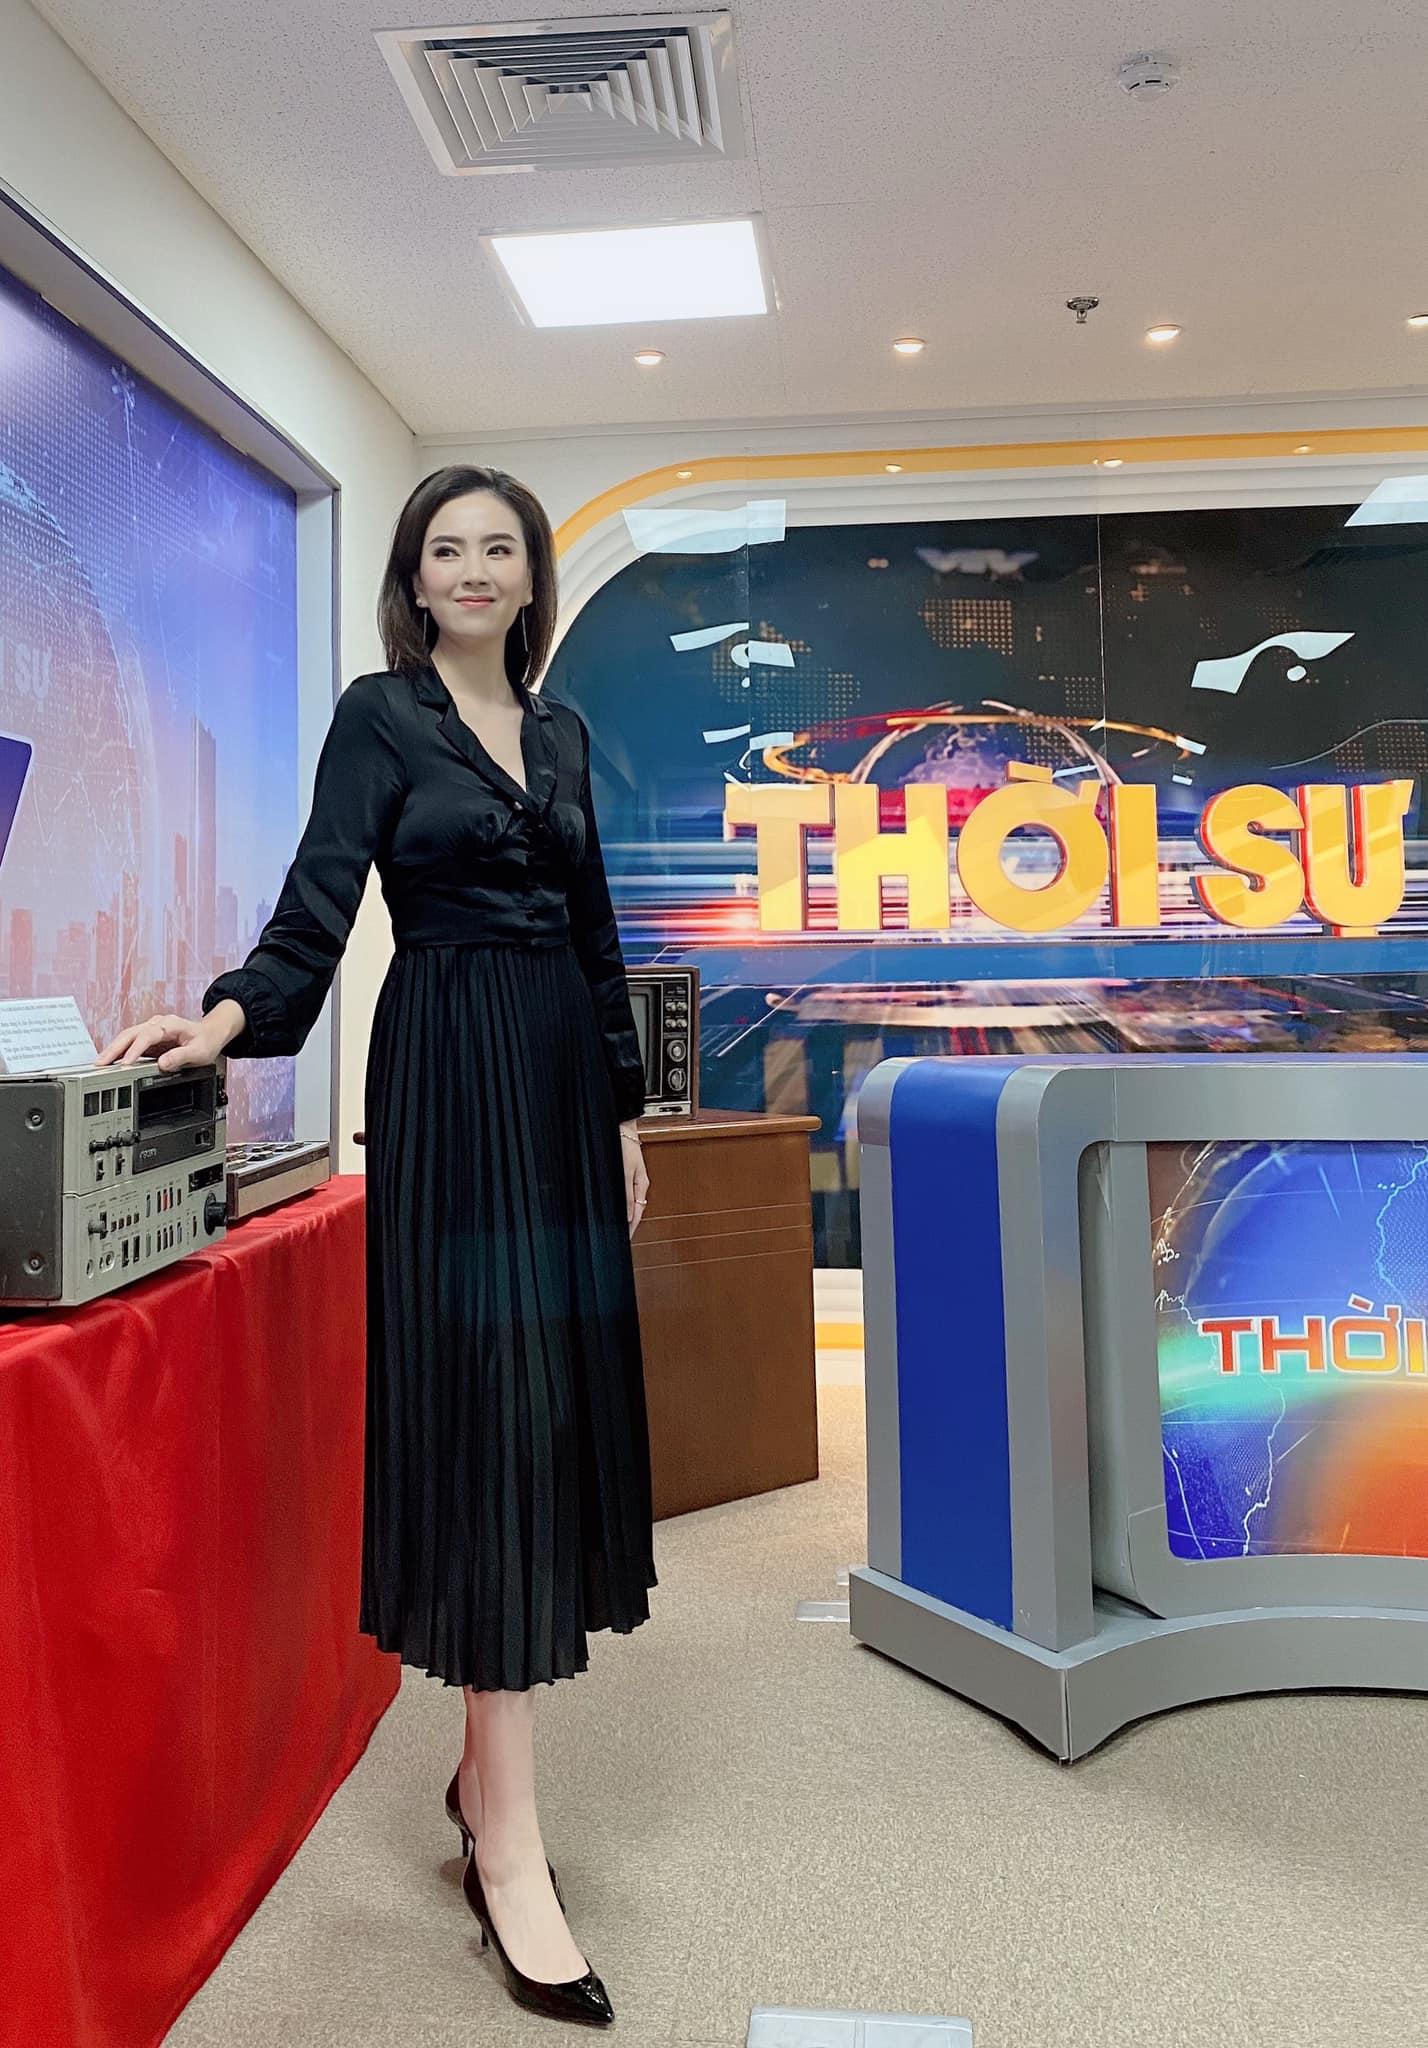 Nhìn MC Mai Ngọc là ra được khối ý tưởng diện lại đồ cũ mà vẫn ghi điểm mặc đẹp trong ngày giao mùa - Ảnh 6.